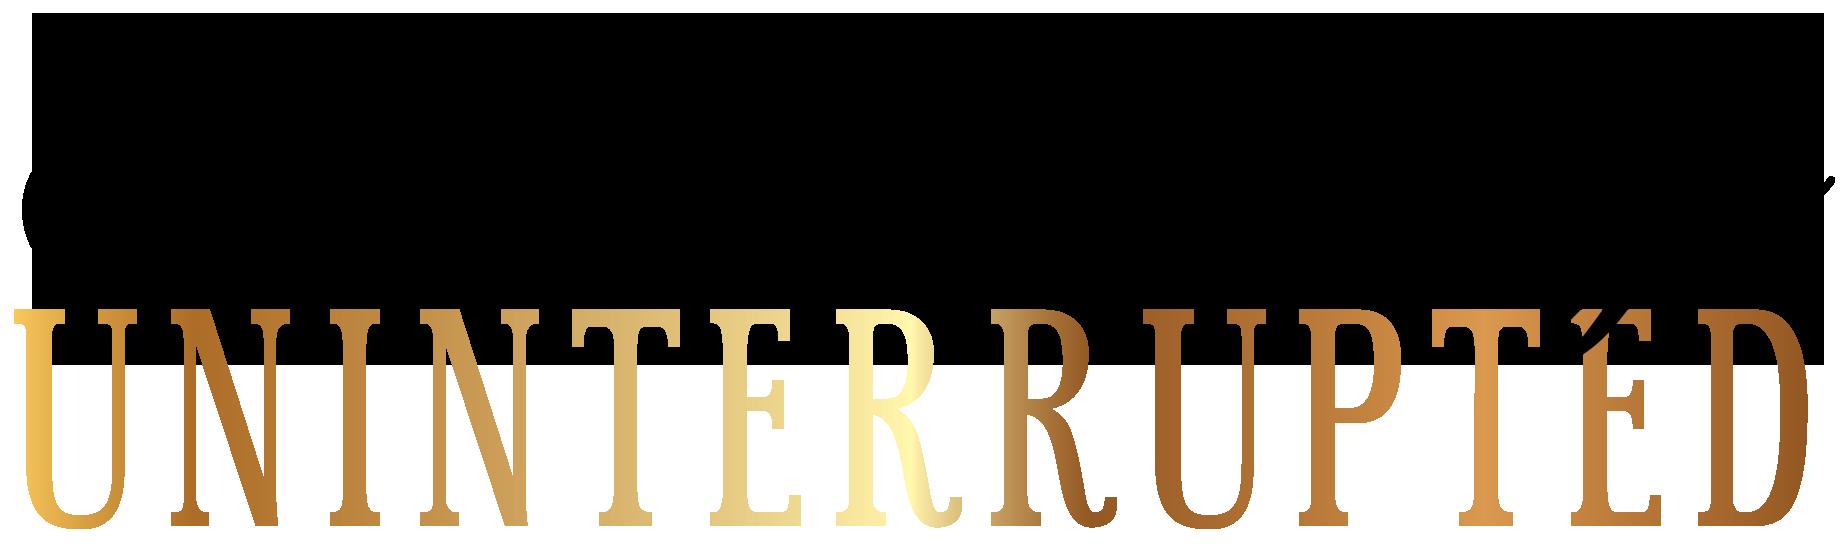 Hatteras Village Uninterrupted